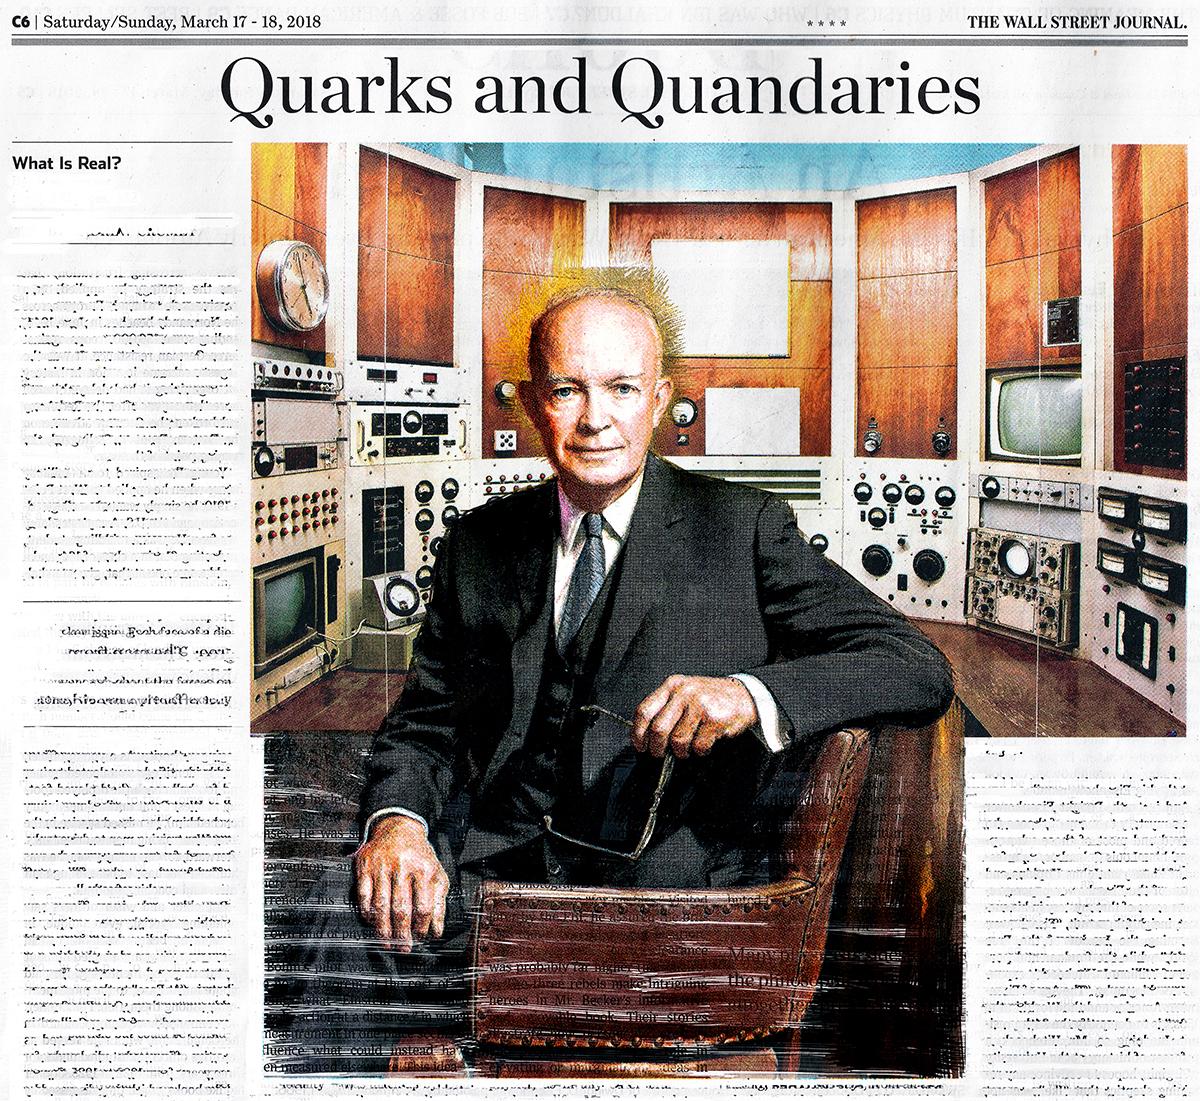 QUARKS & QUANDARIES -